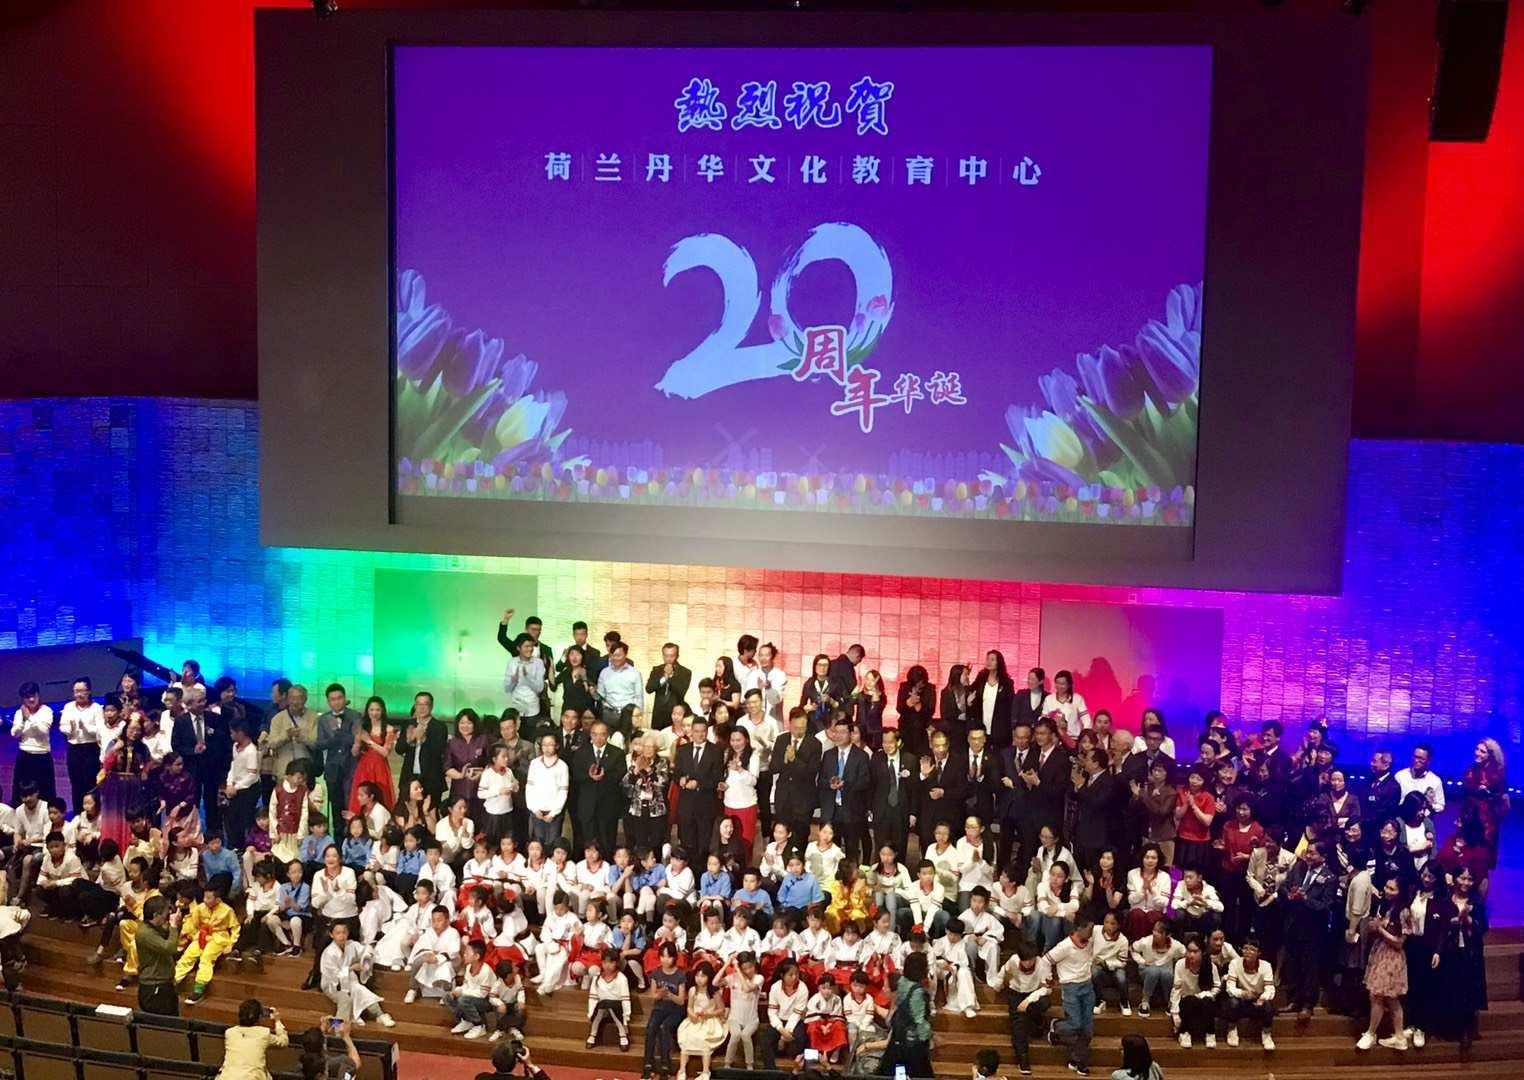 庆祝联合国中文日庆祝全荷最大学校荷兰丹华文化教育中心成立二十周年